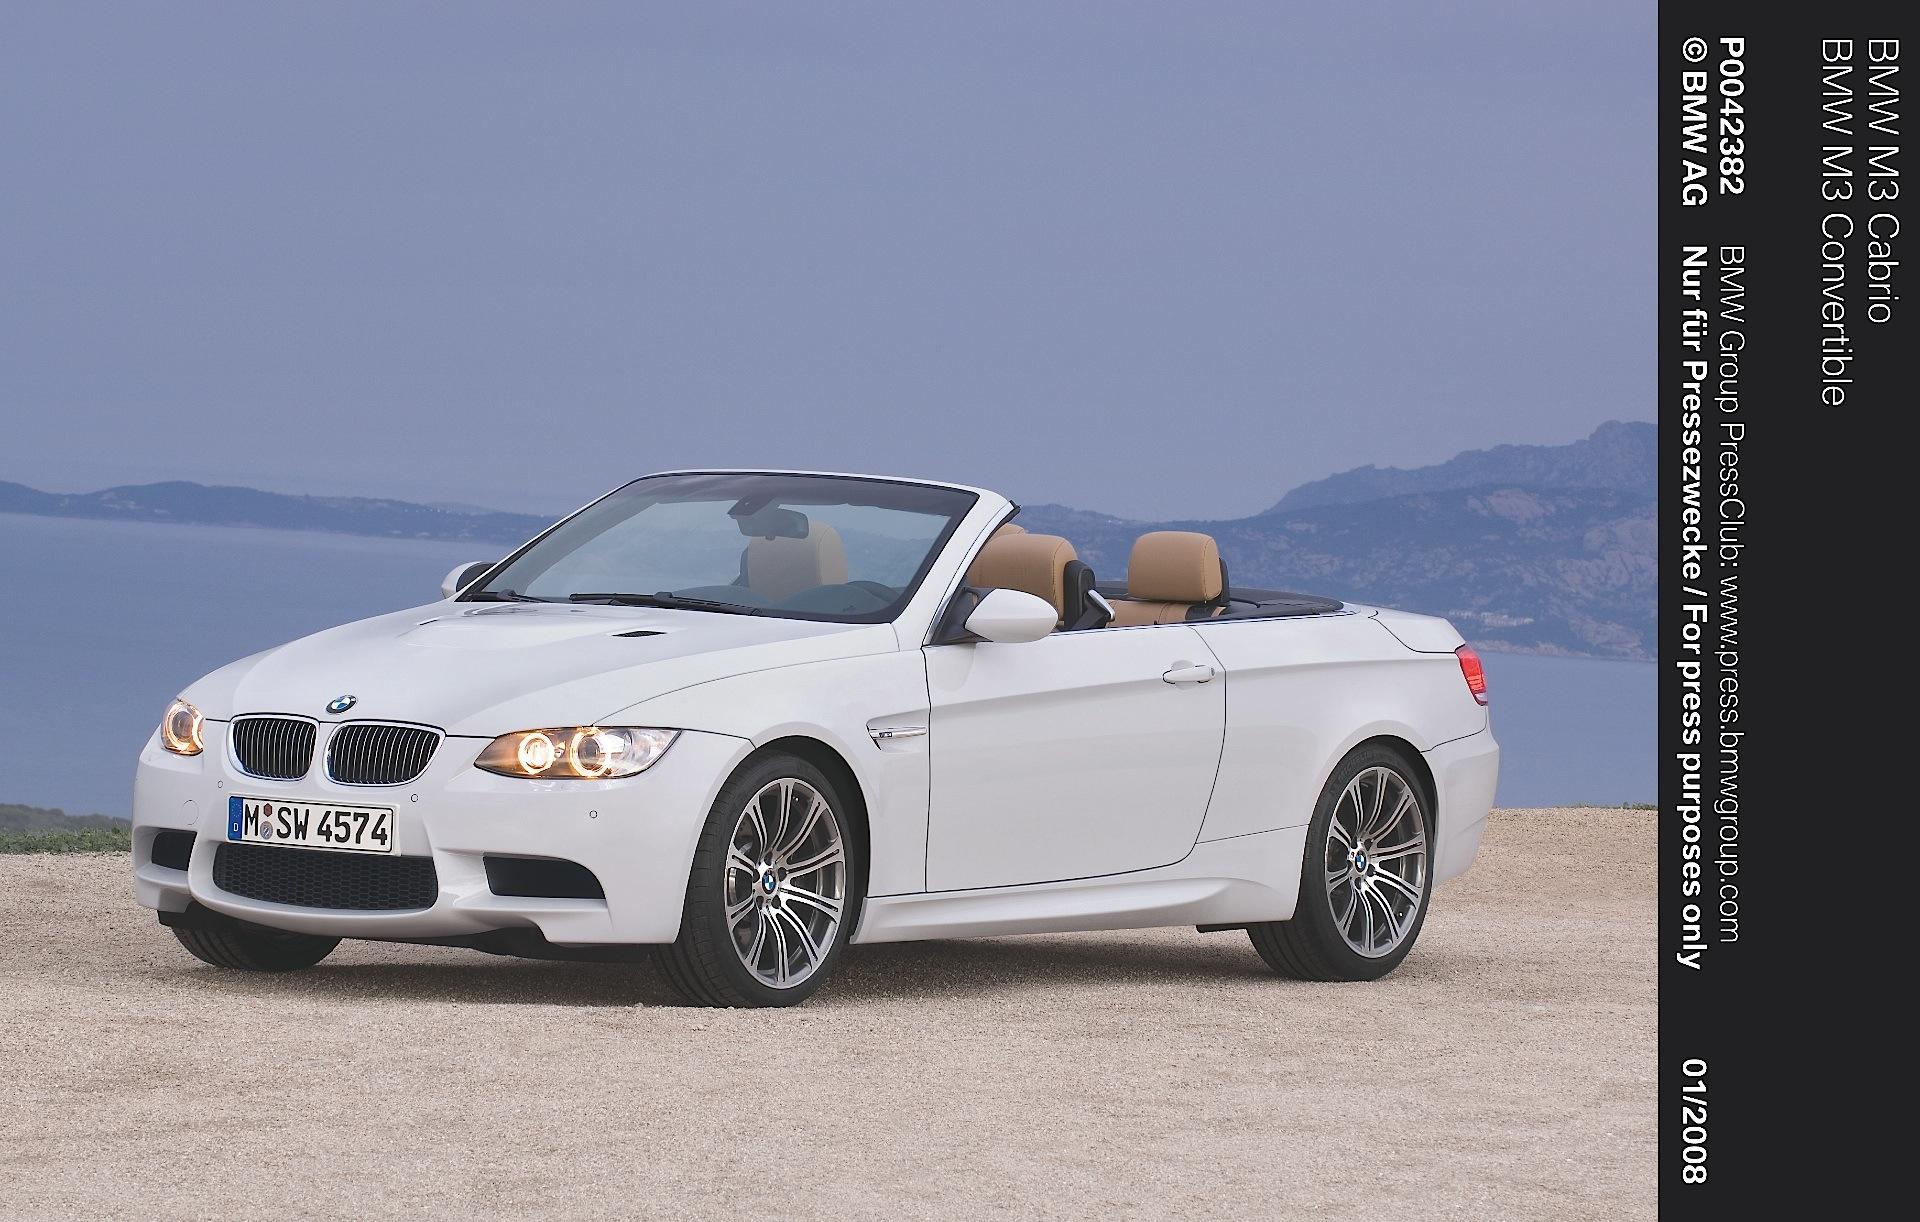 Bmw M3 0 60 >> BMW M3 Cabriolet (E93) - 2008, 2009, 2010, 2011, 2012, 2013 - autoevolution